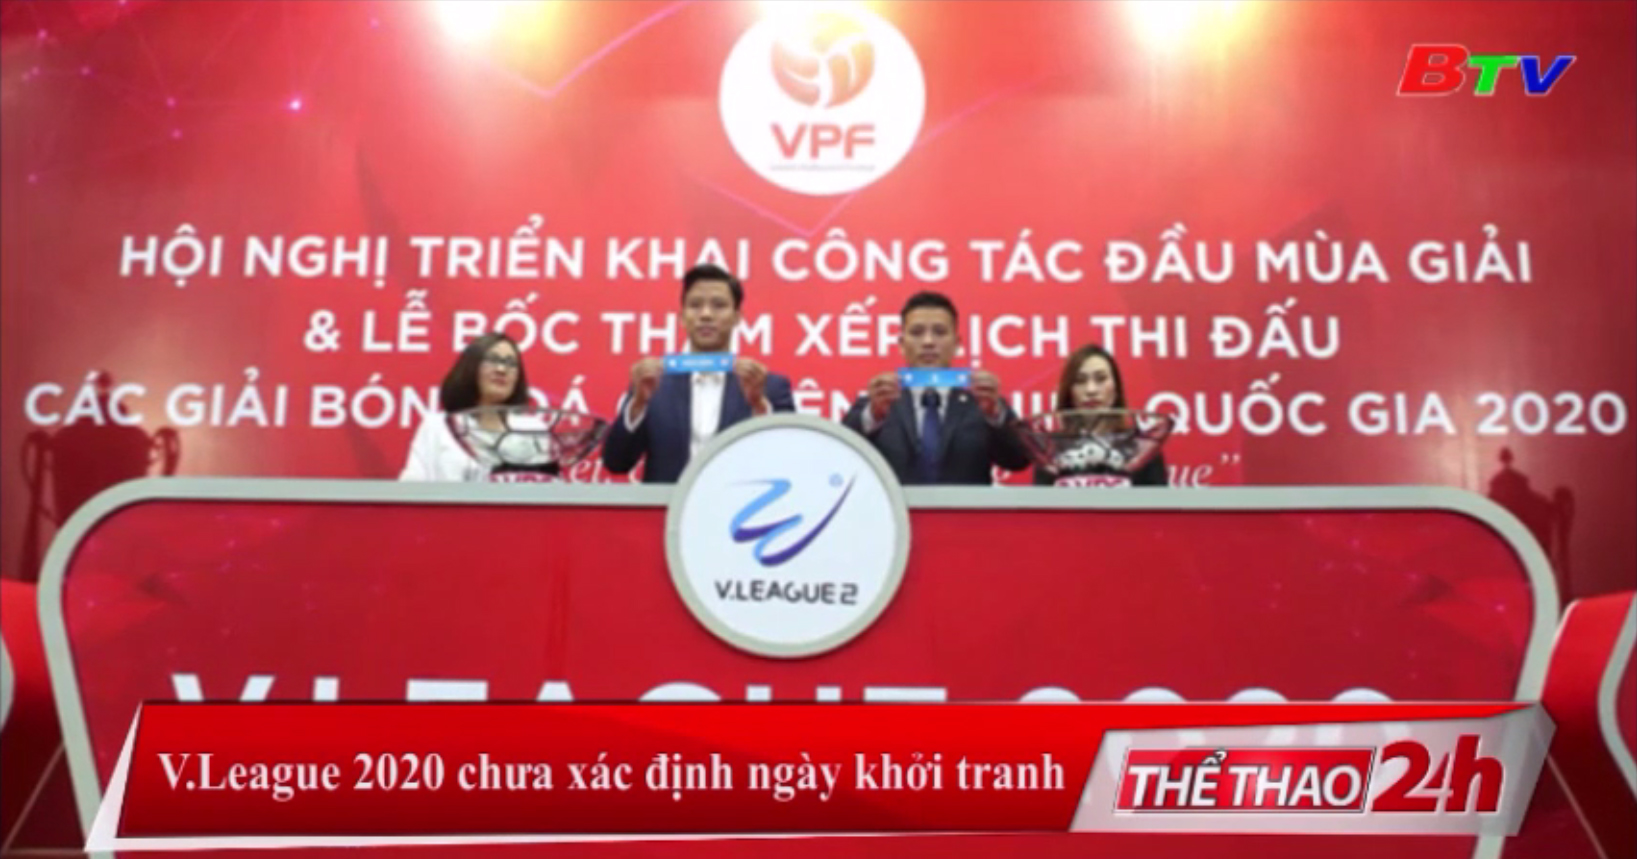 V-League 2020 chưa xác định ngày khởi tranh